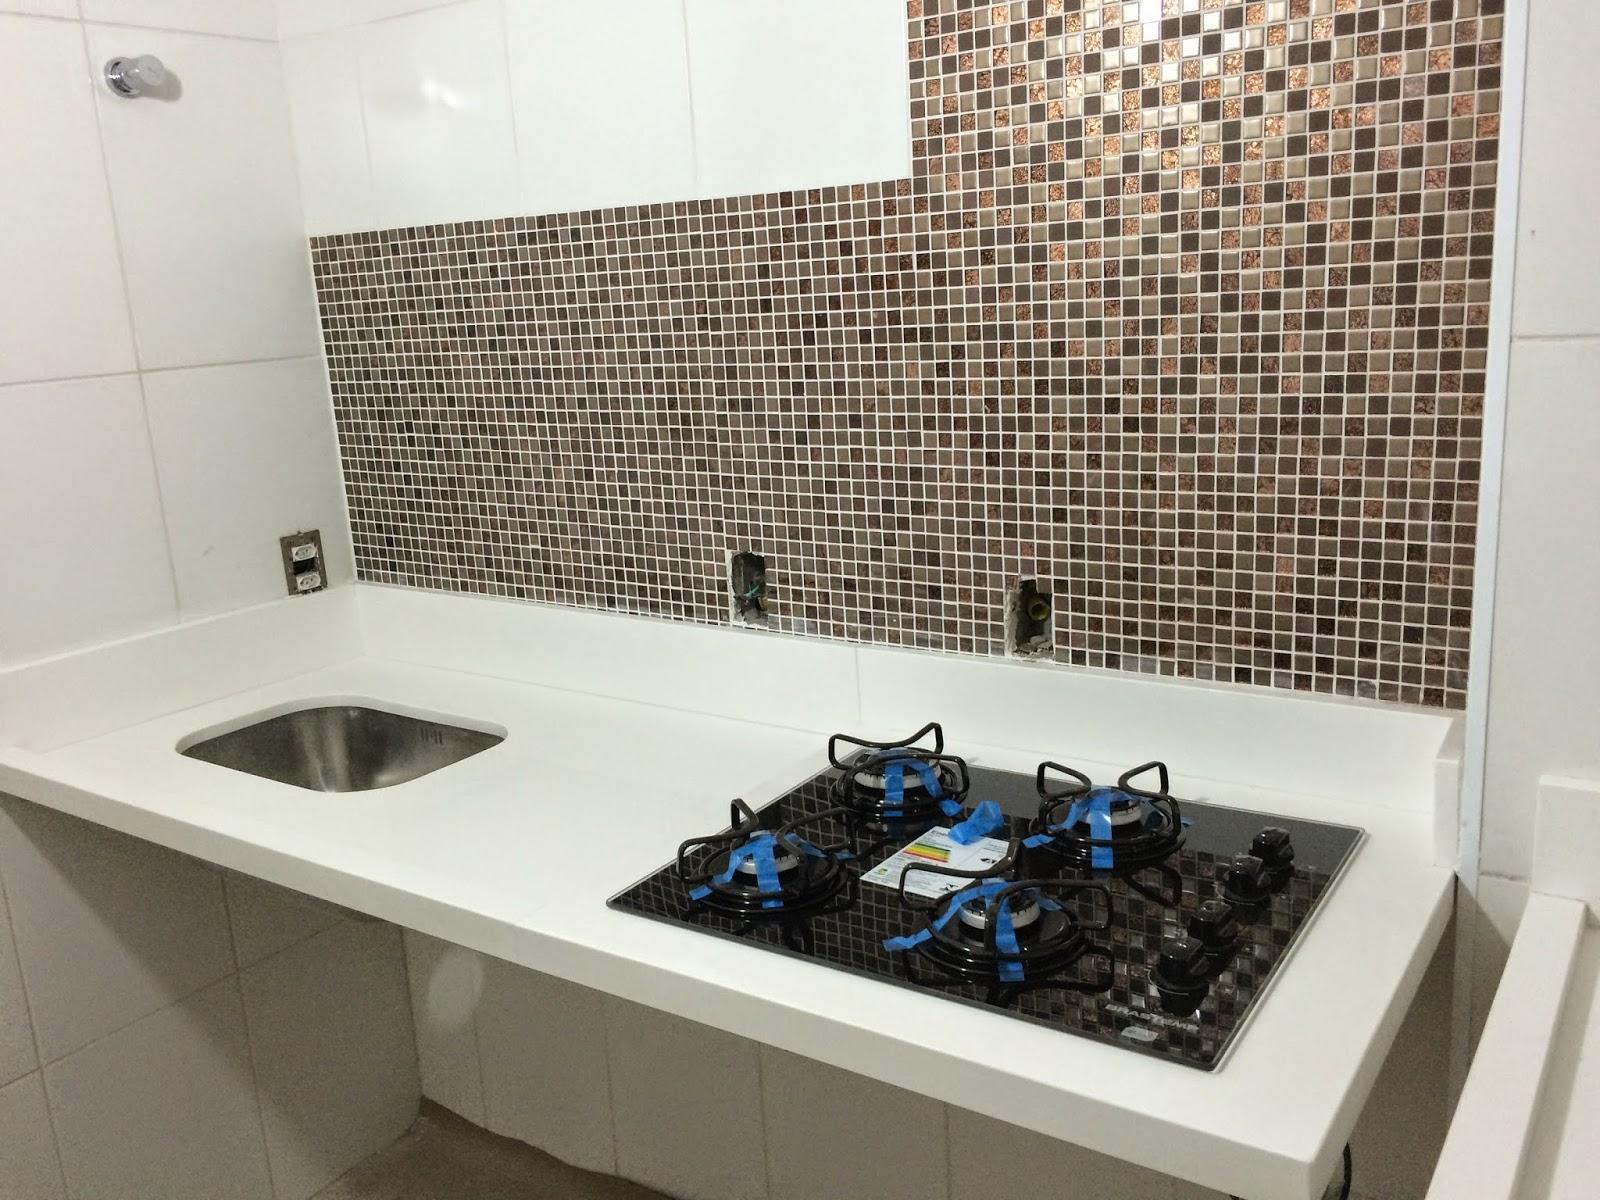 Apê 114: Bancada da Cozinha e Área de Serviço em Quartzo Branco #2E669D 1600 1200